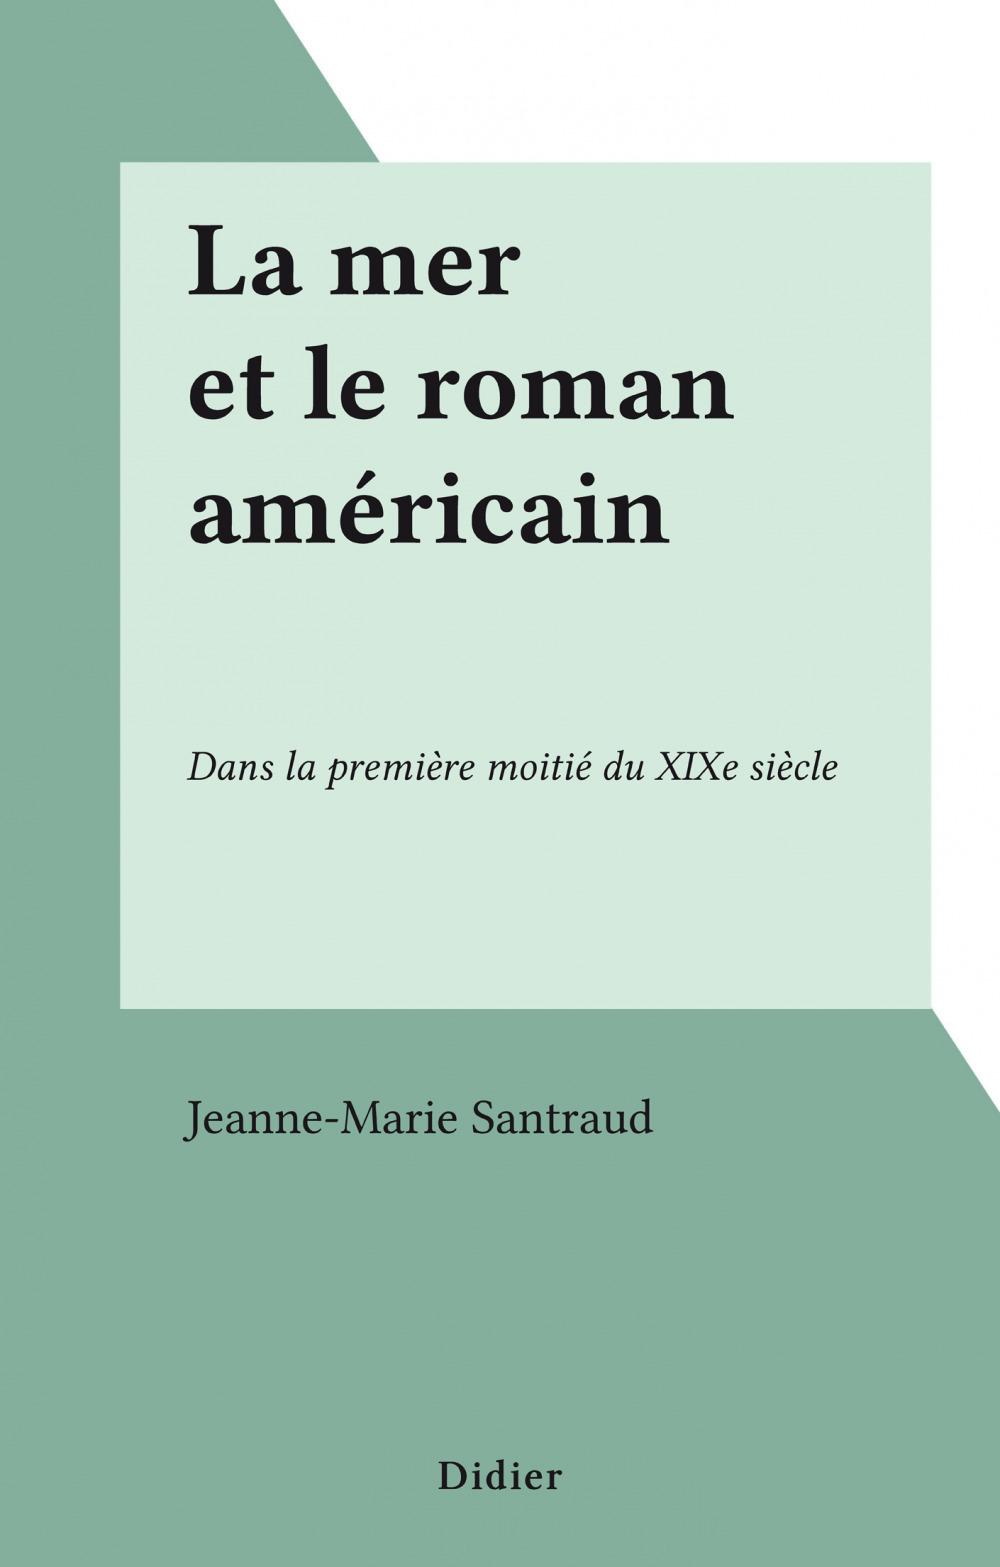 La mer et le roman américain